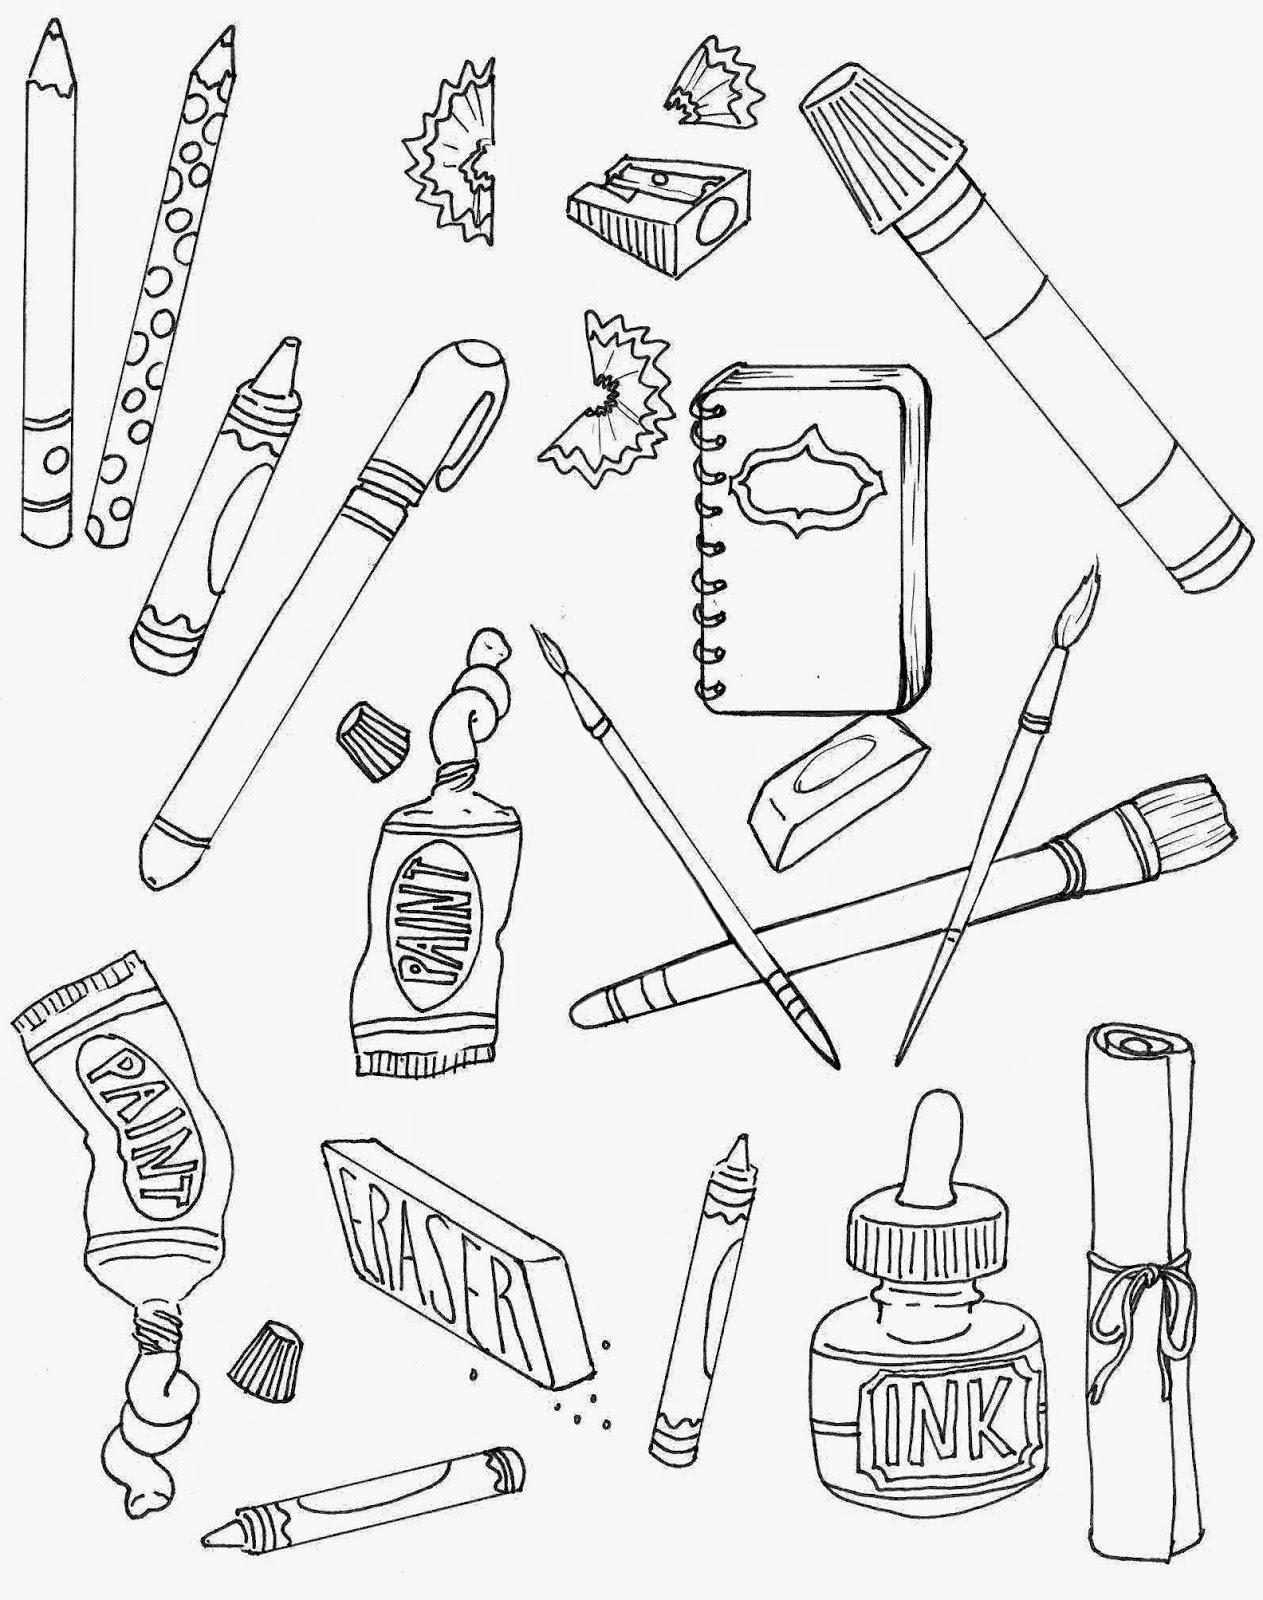 Supplies Drawing At Getdrawings